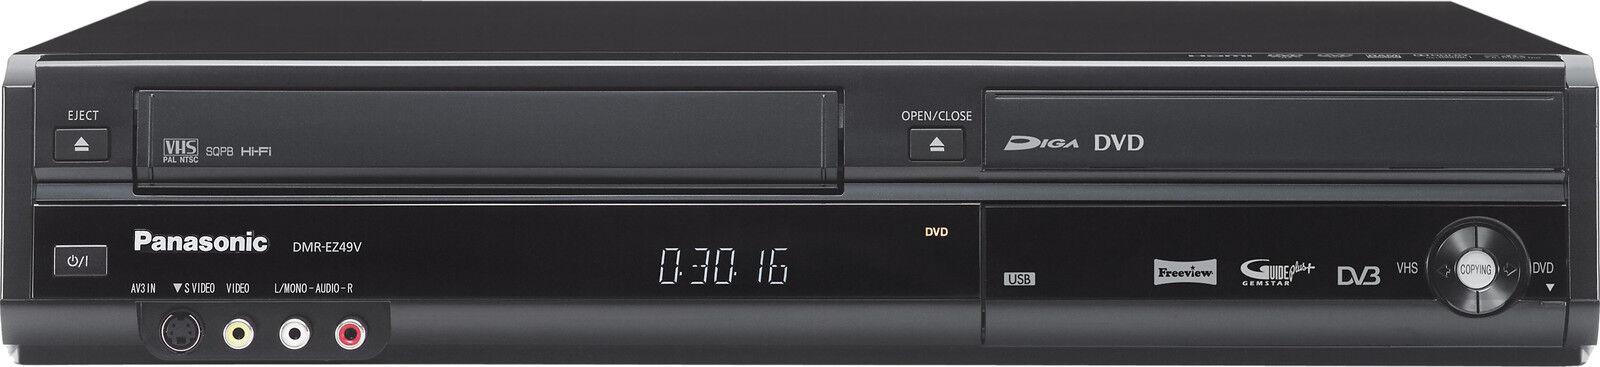 panasonic dmr ez49v dvd player ebay rh ebay co uk Panasonic DMR- EZ48V Panasonic DVD Recorder